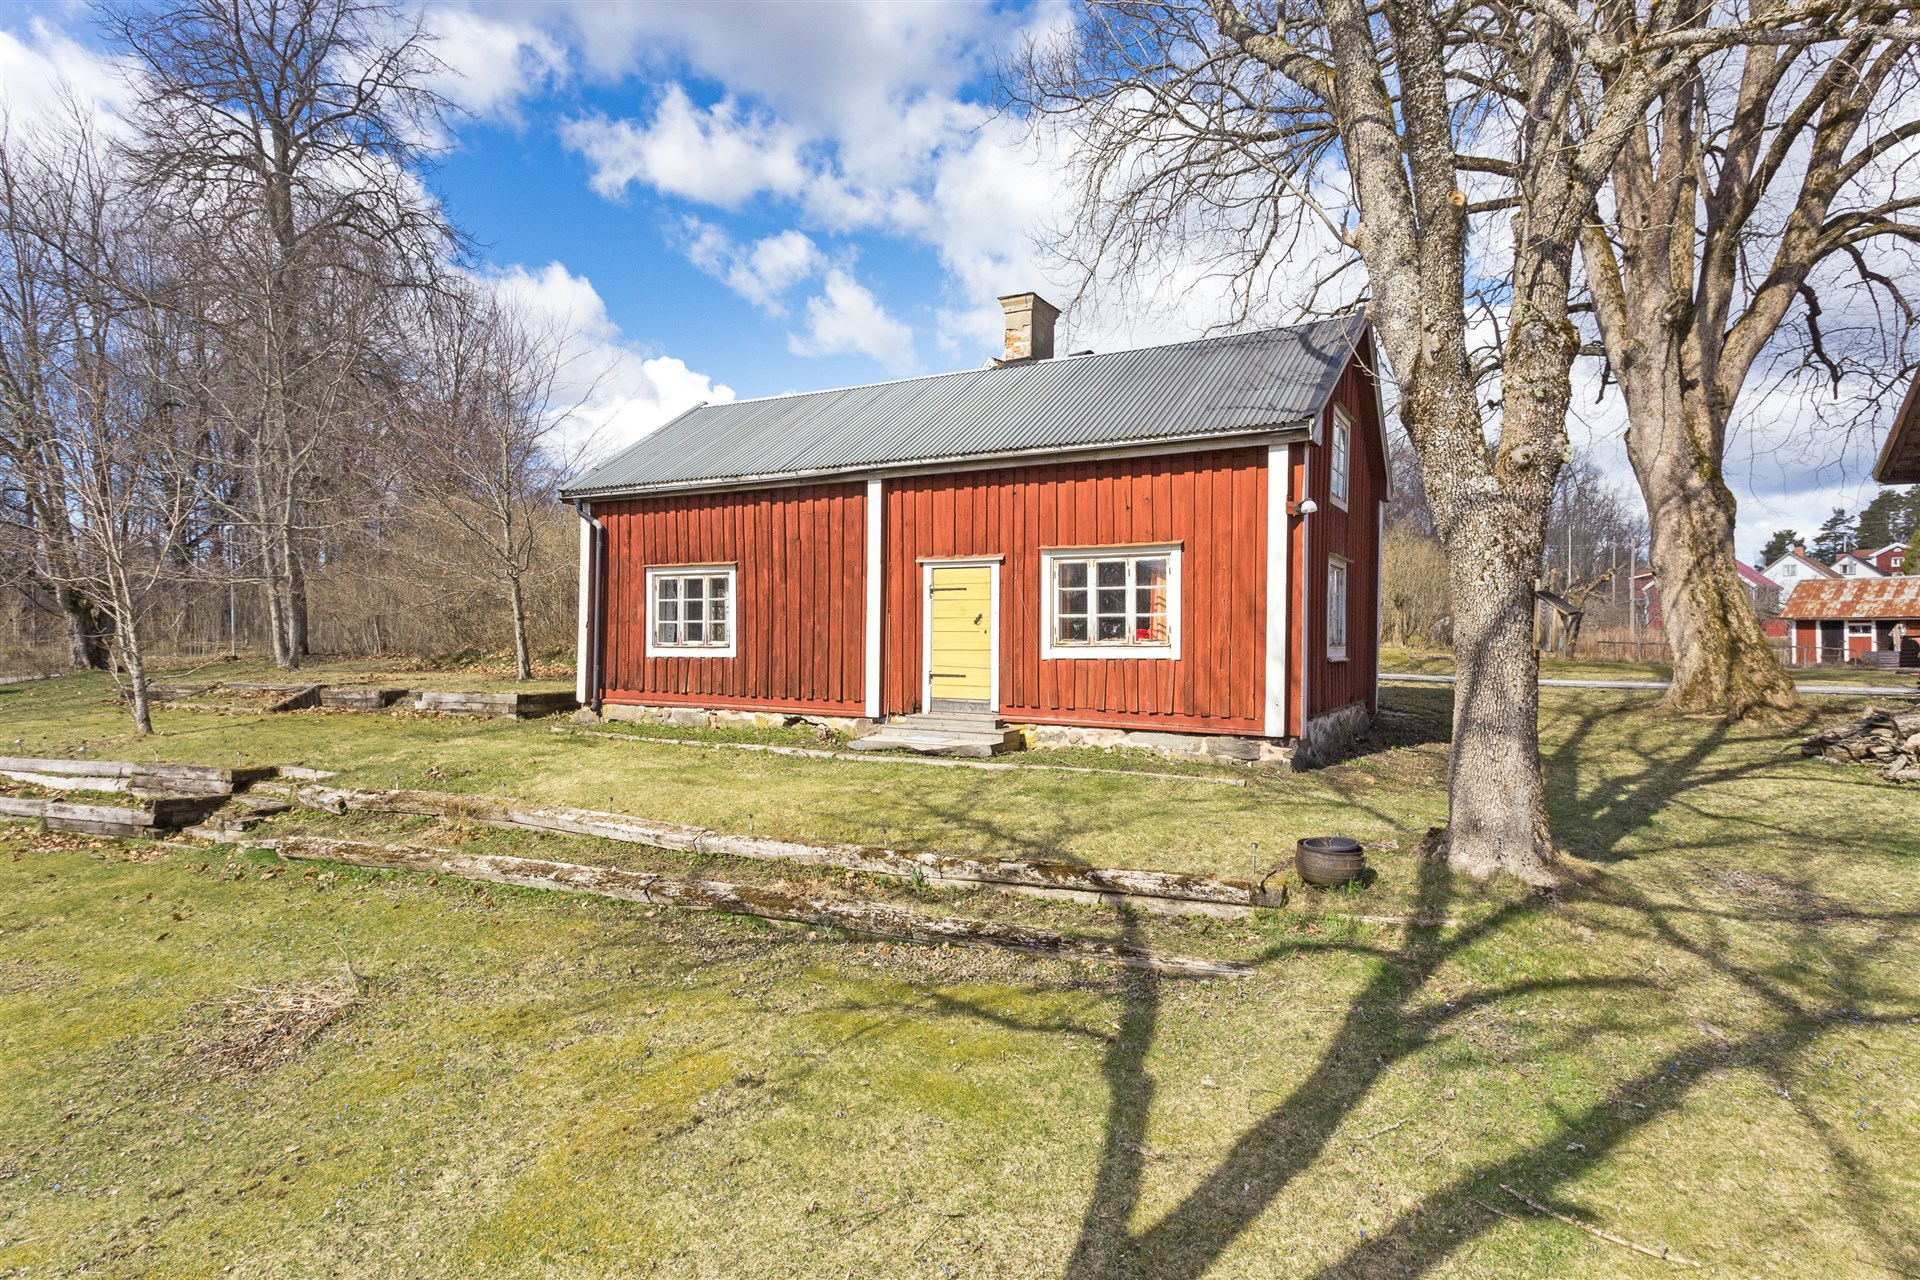 Hus 2, inredd med ett rum och kök i äldre stil och standard.